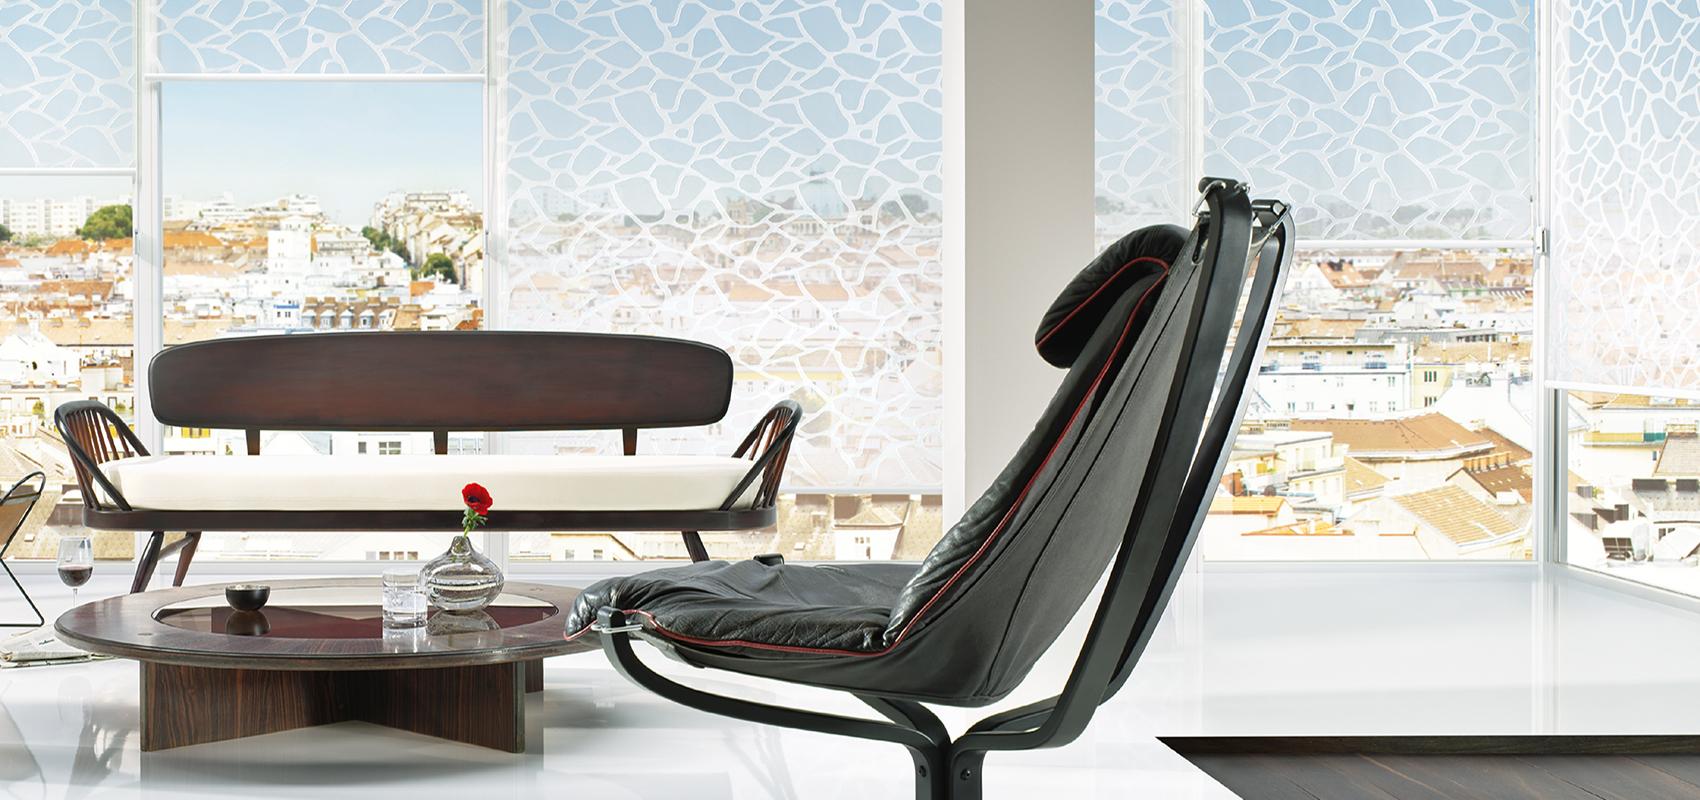 sonnenschutz und blendschutz f r fenster und geb ude. Black Bedroom Furniture Sets. Home Design Ideas